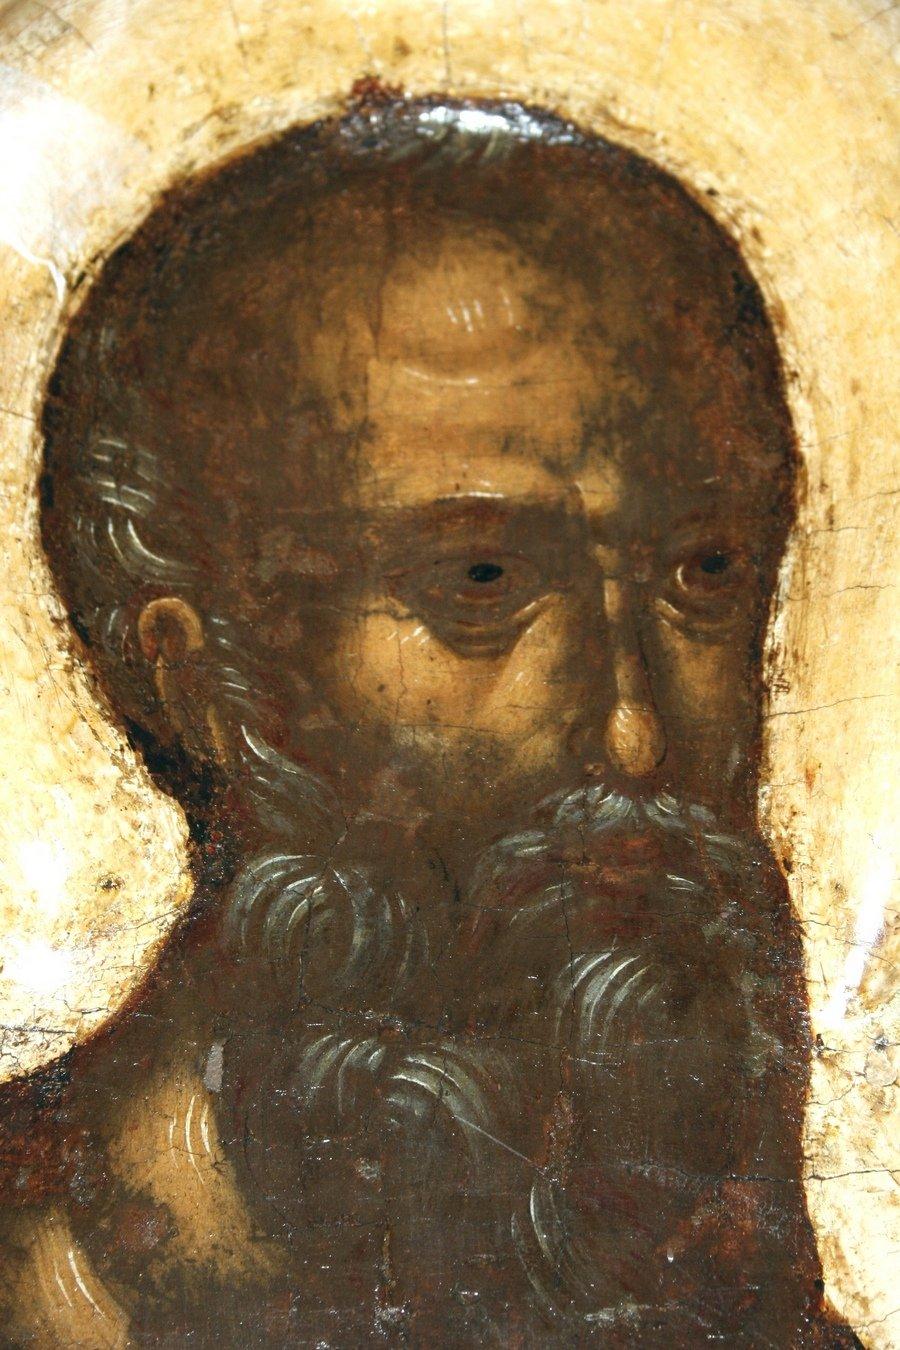 Святой Апостол и Евангелист Иоанн Богослов. Икона. Псков, около 1444 года. Фрагмент.